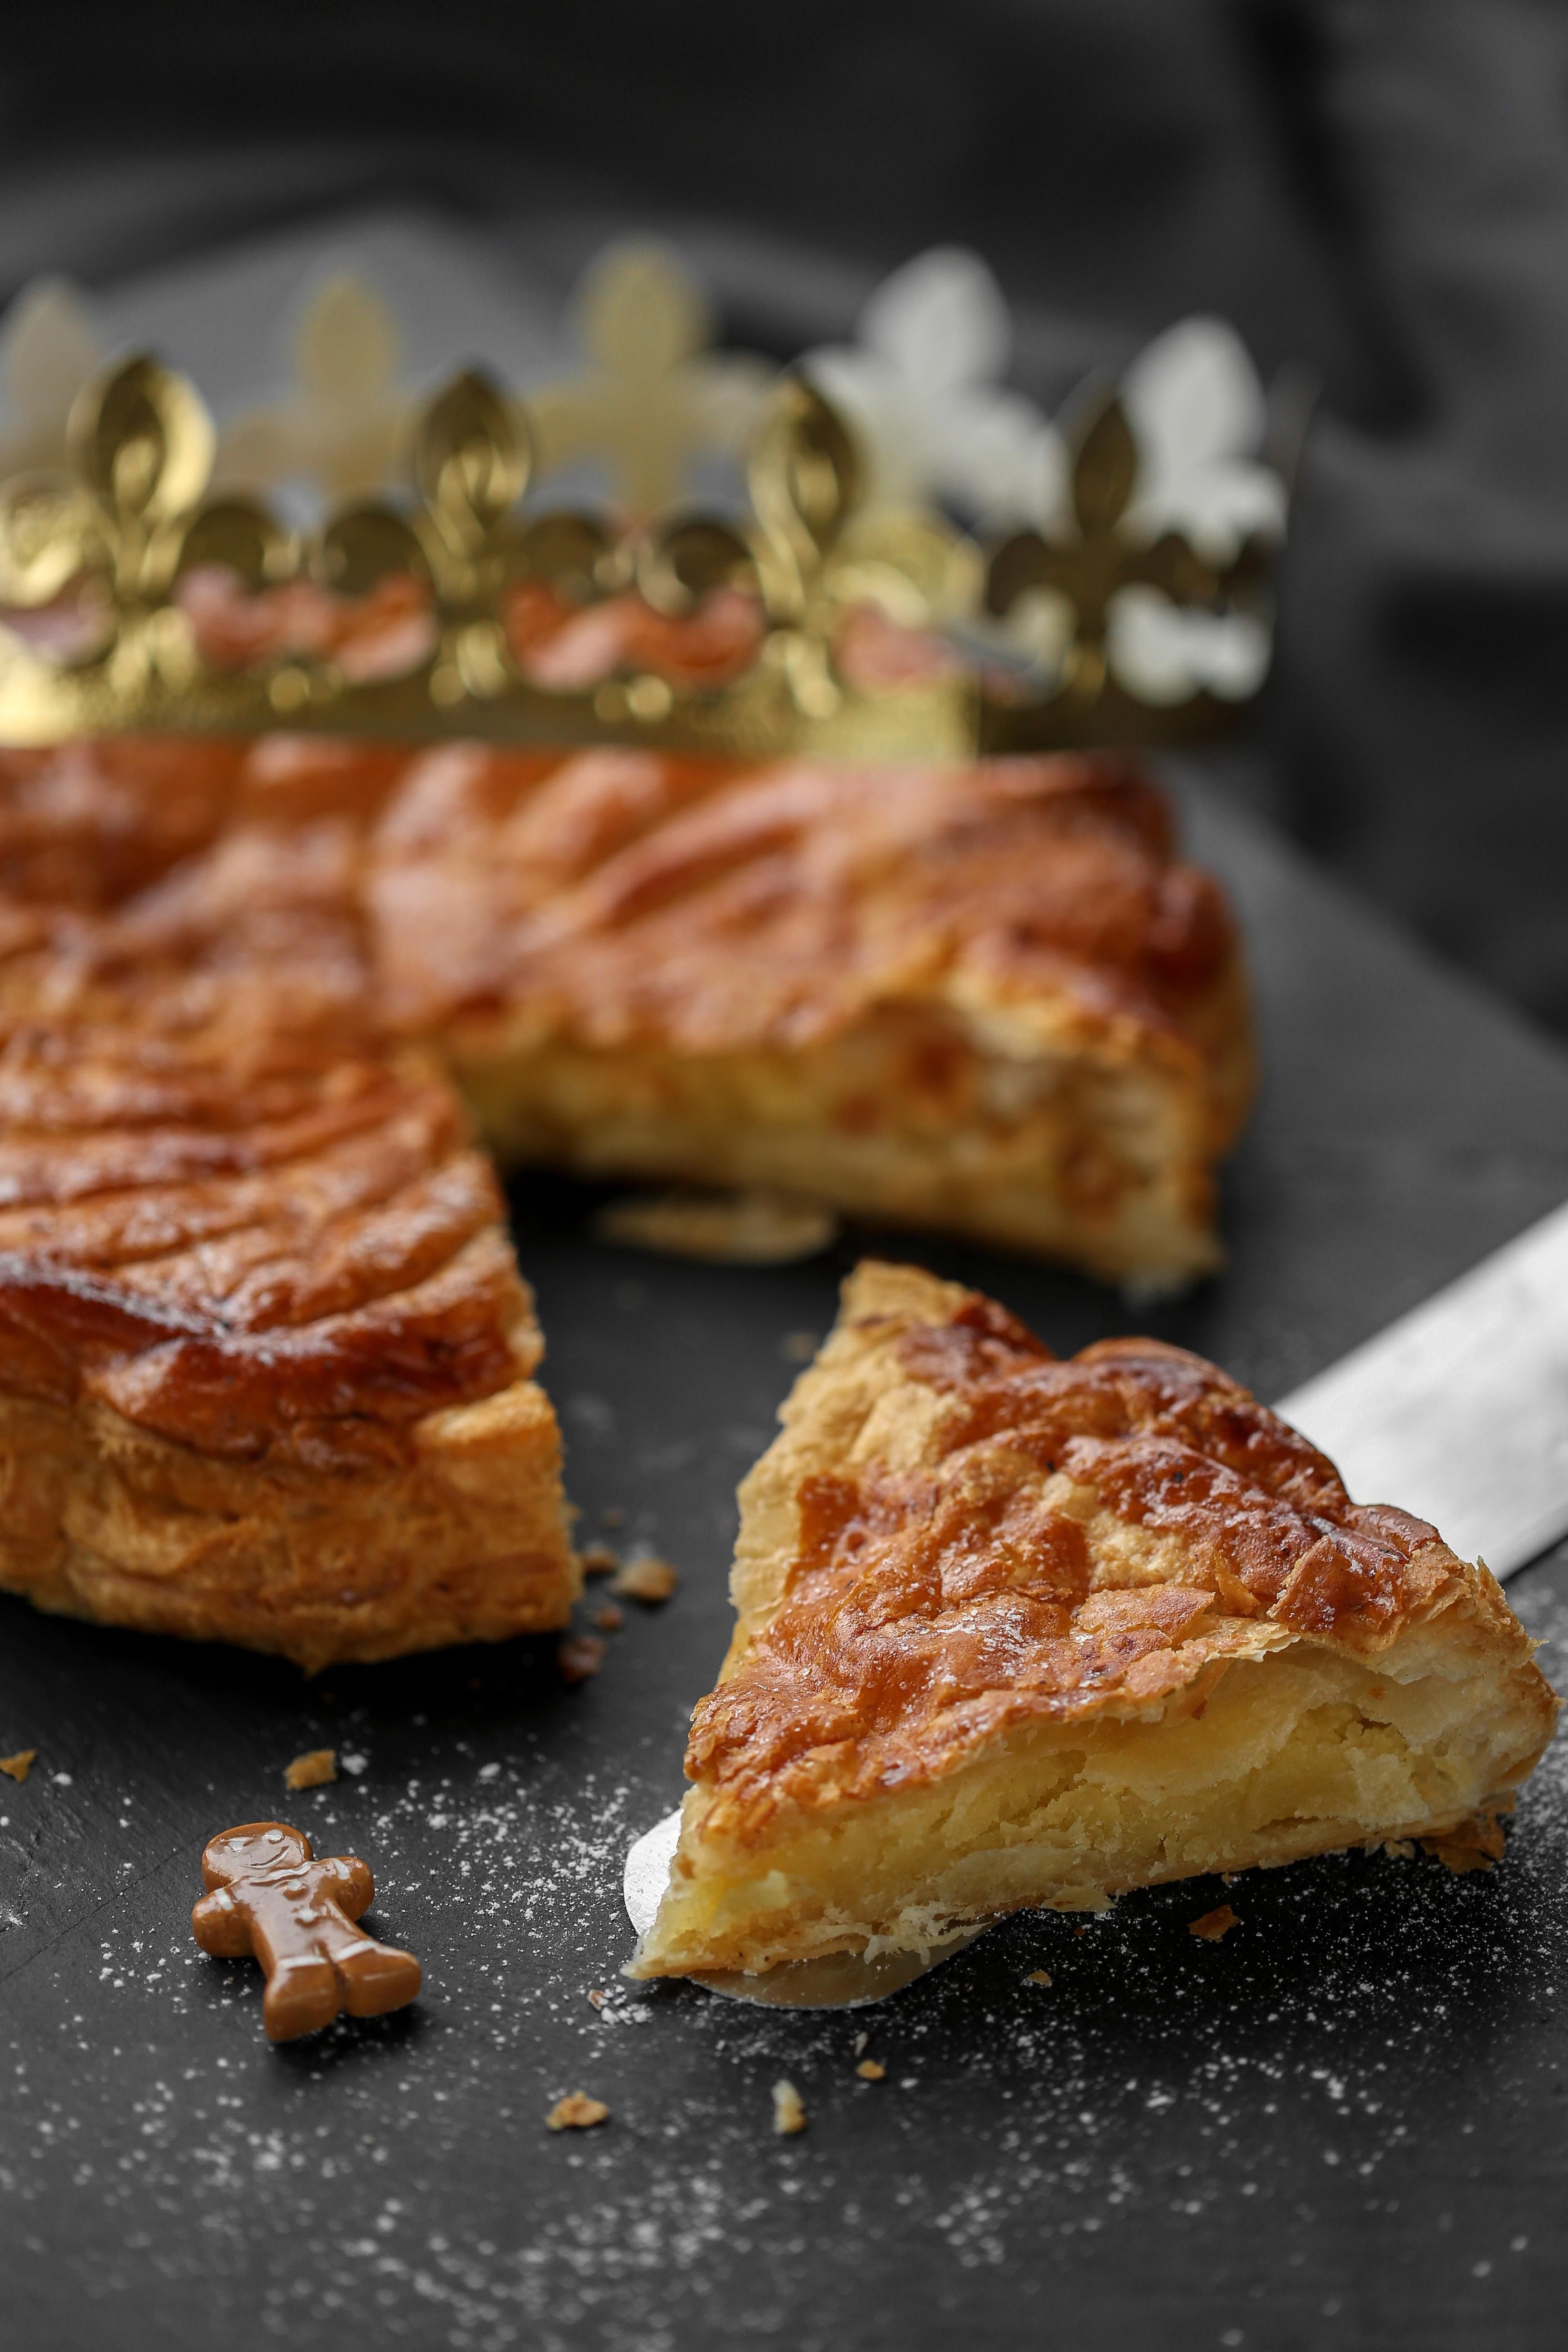 Galette des rois la frangipane aussi appel e parisienne f te de l 39 piphanie les recettes de - Galette des rois herve cuisine ...